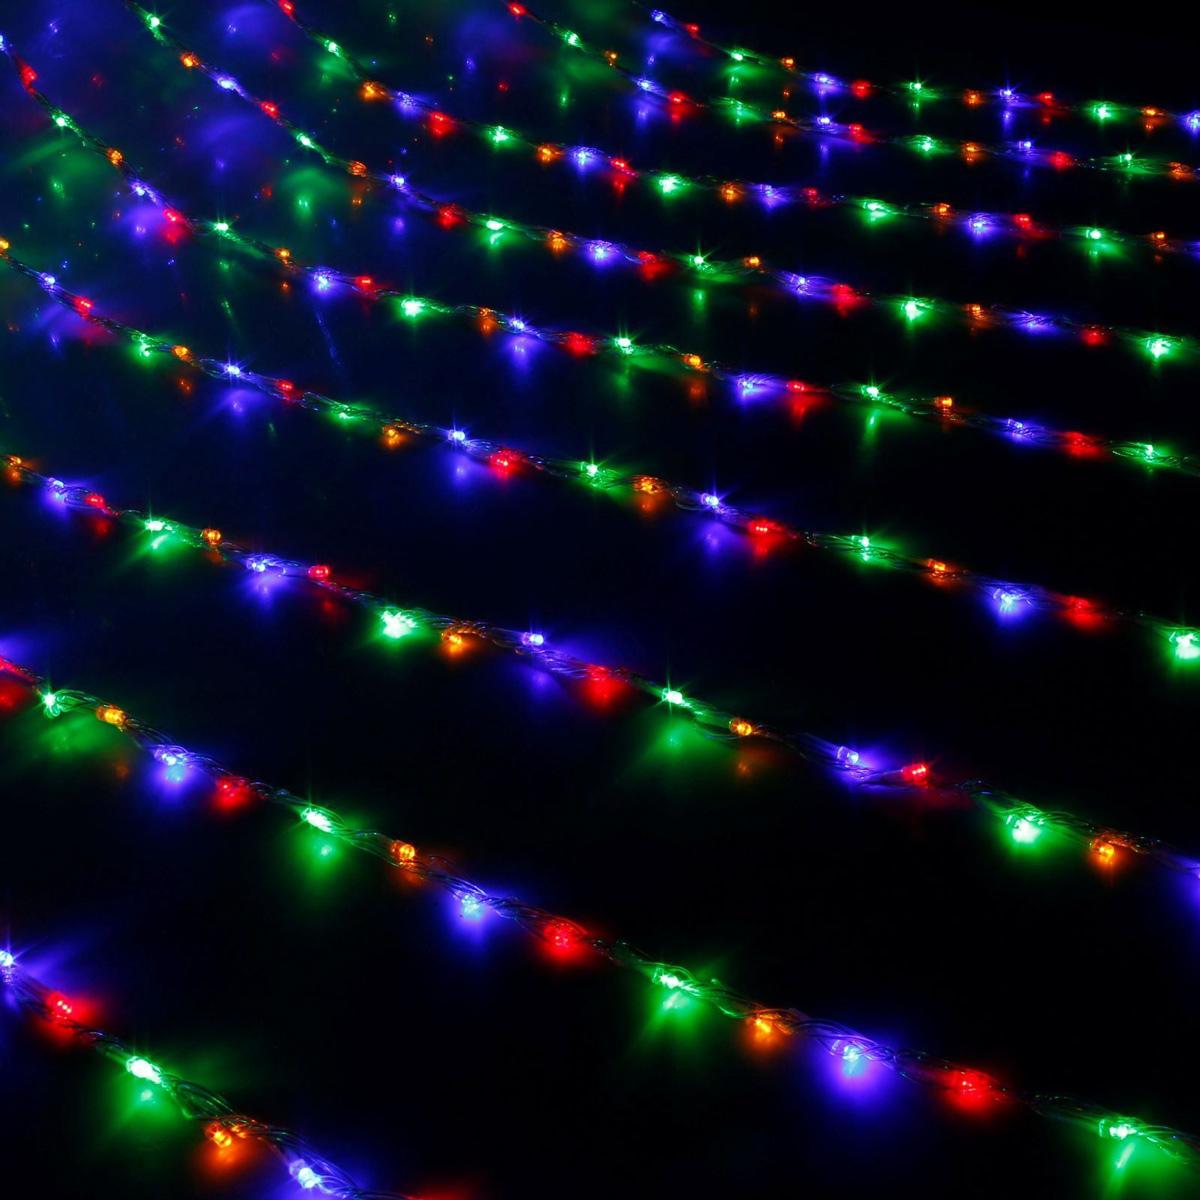 Гирлянда светодиодная Luazon Дождь, уличная, 8 режимов, 400 ламп, 220 V, цвет: мультиколор, 2 х 1,5 м. 6716751080044Гирлянда светодиодная Дождь - это отличный вариант для новогоднего оформления интерьера или фасада. С ее помощью помещение любого размера можно превратить в праздничный зал, а внешние элементы зданий, украшенные гирляндой, мгновенно станут напоминать очертания сказочного дворца. Такое украшение создаст ауру предвкушения чуда. Деревья, фасады, витрины, окна и арки будто специально созданы, чтобы вы украсили их светящимися нитями.